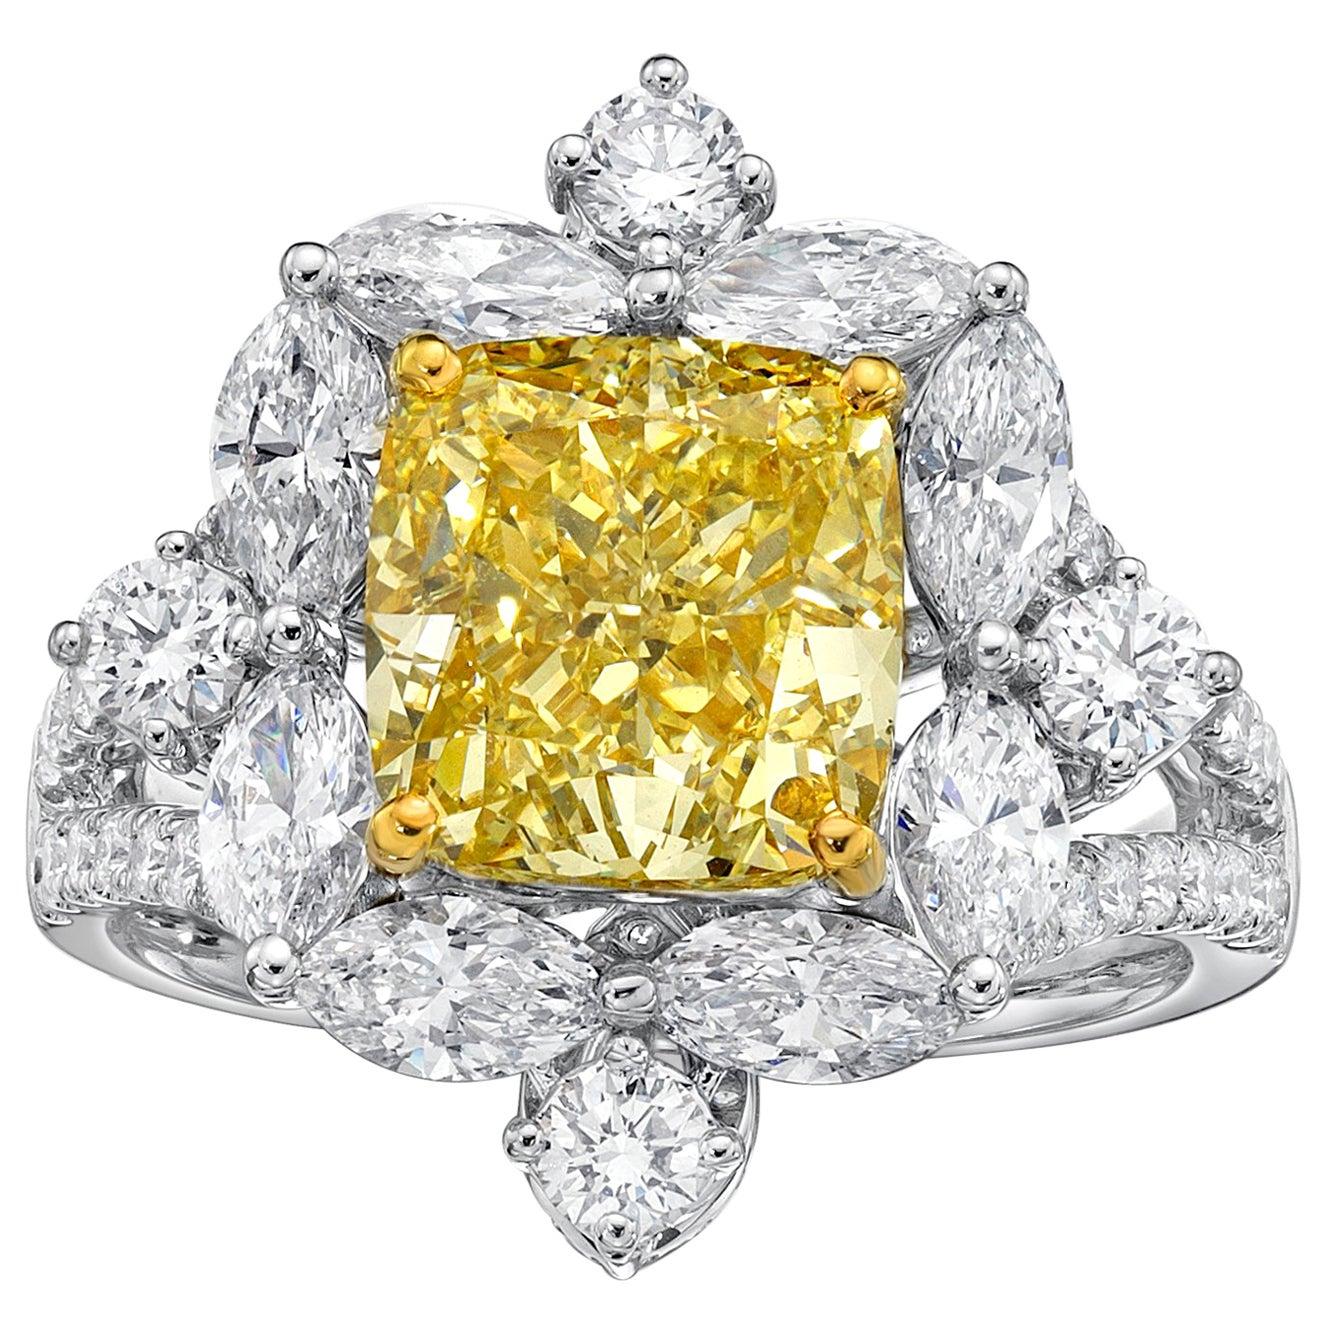 GIA Certified 4.01 Carat Fancy Greenish Yellow Diamond Cushion Cut Ring